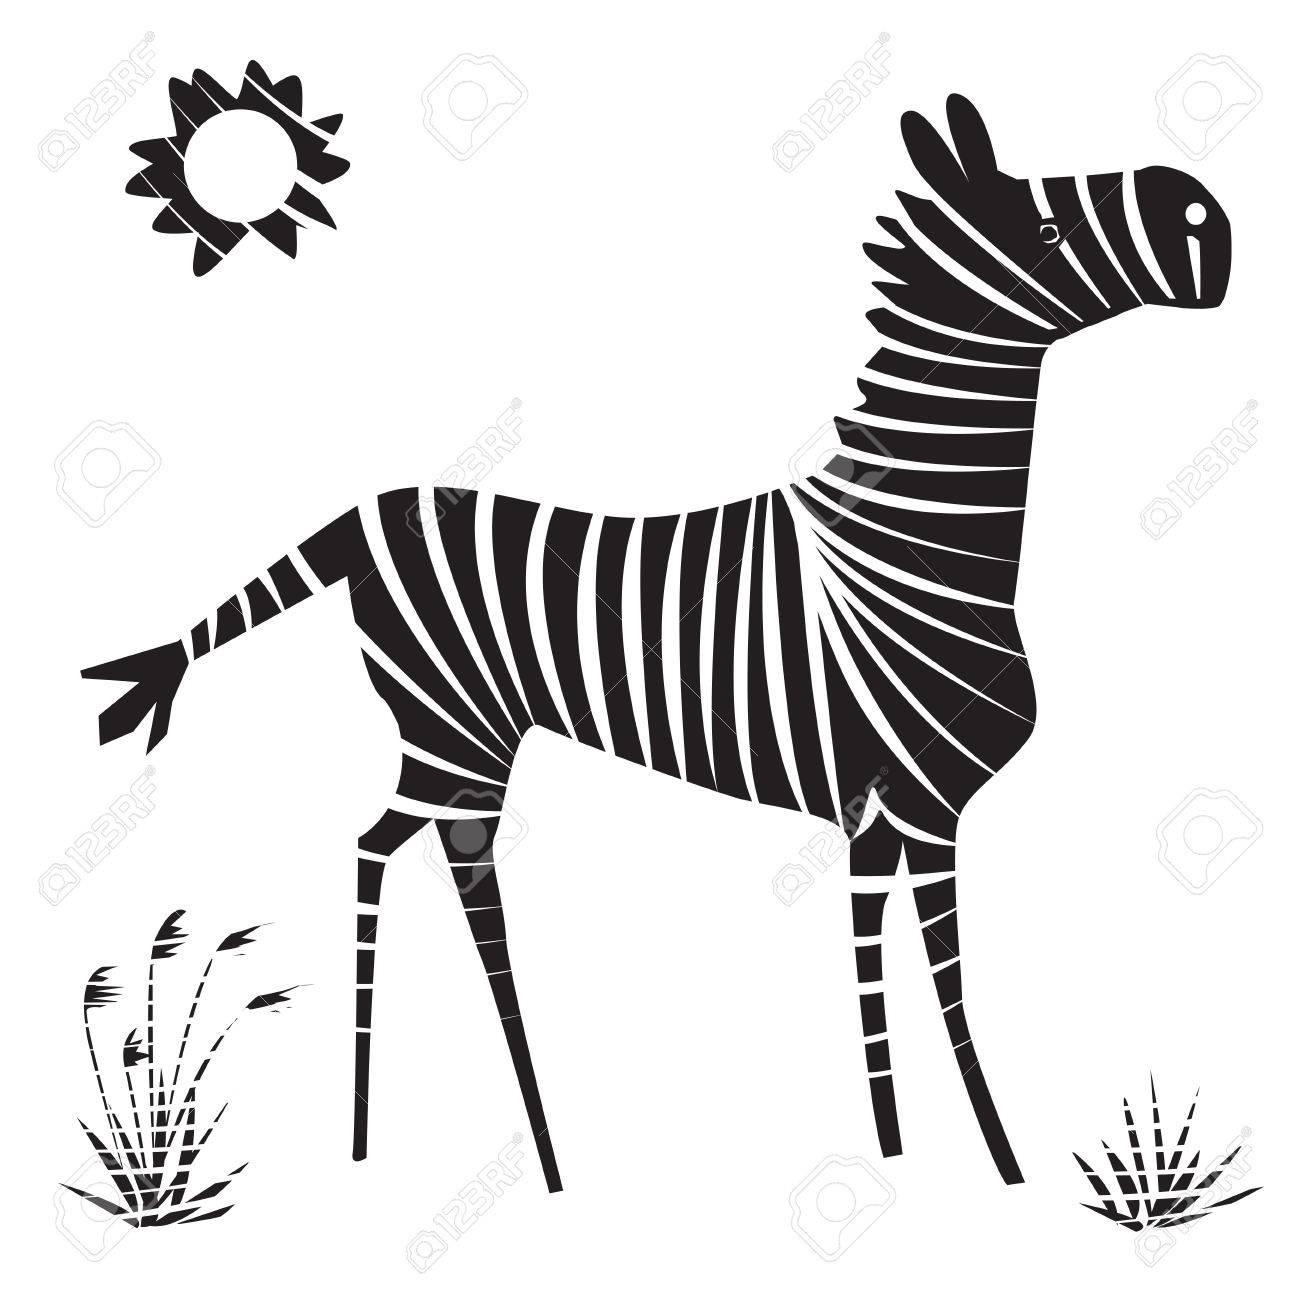 シマウマのイラスト。孤立した漫画白黒動物。 ロイヤリティフリー